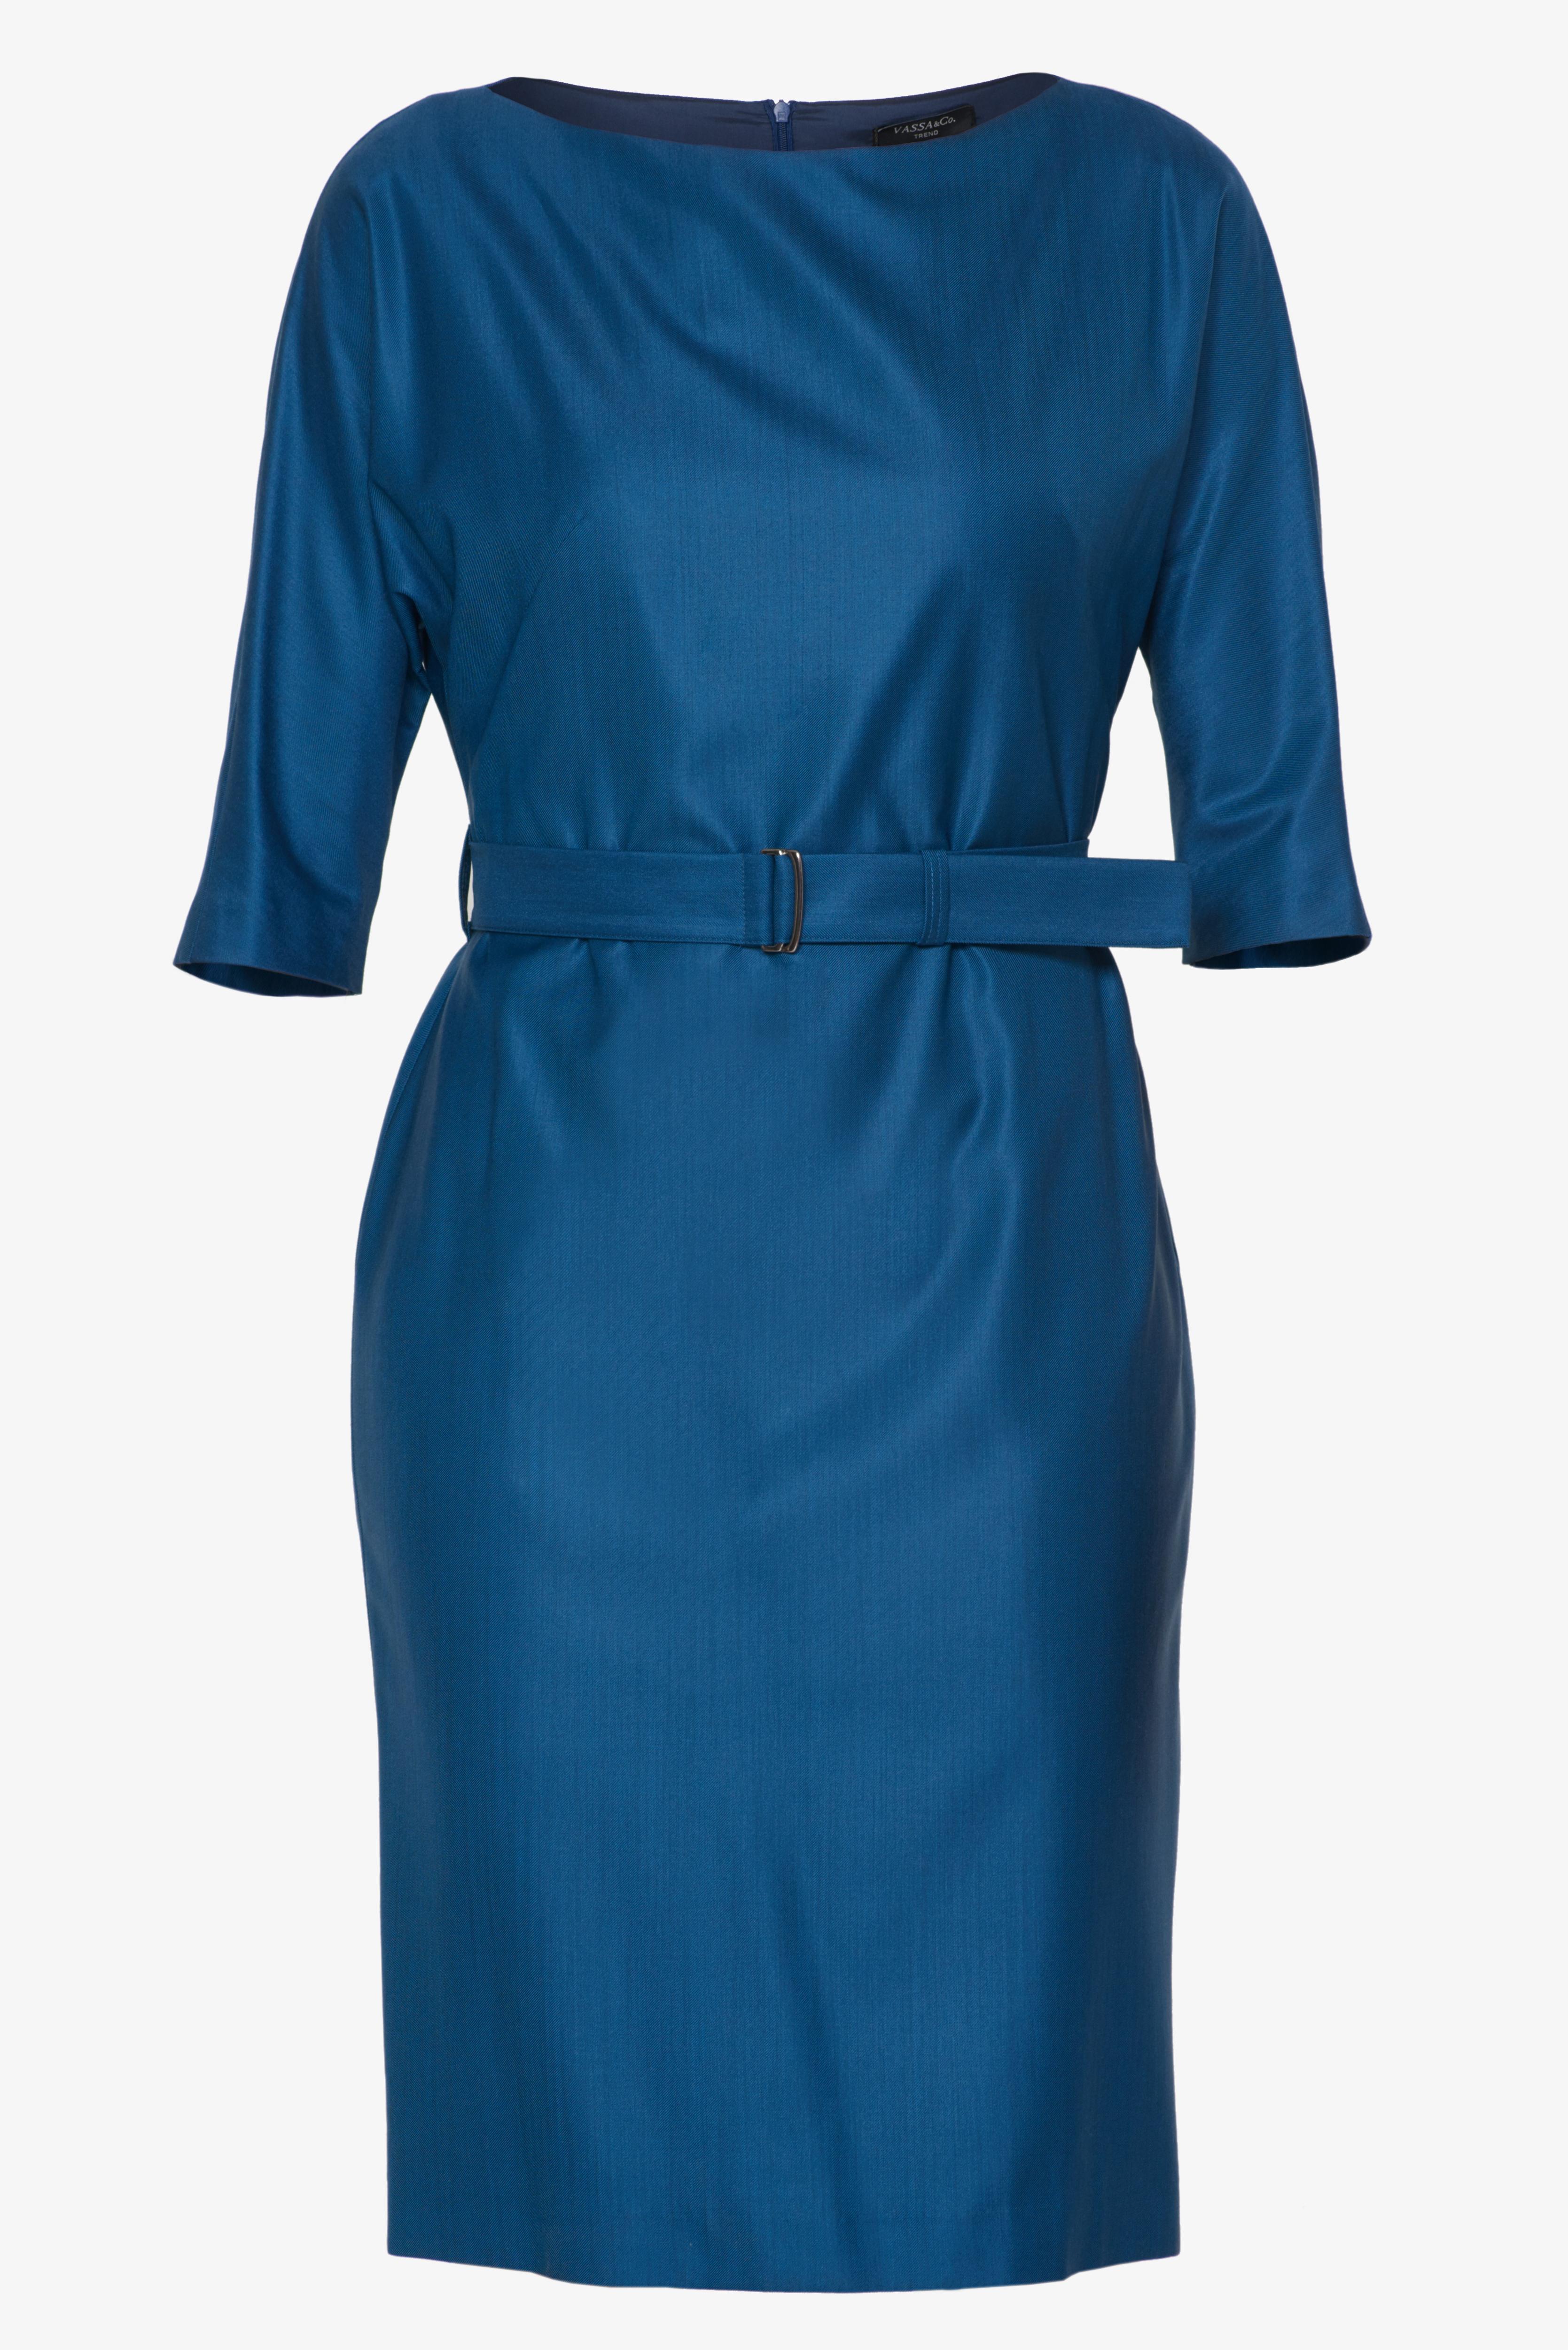 картинки цельнокроеного платья вам необходимо знать